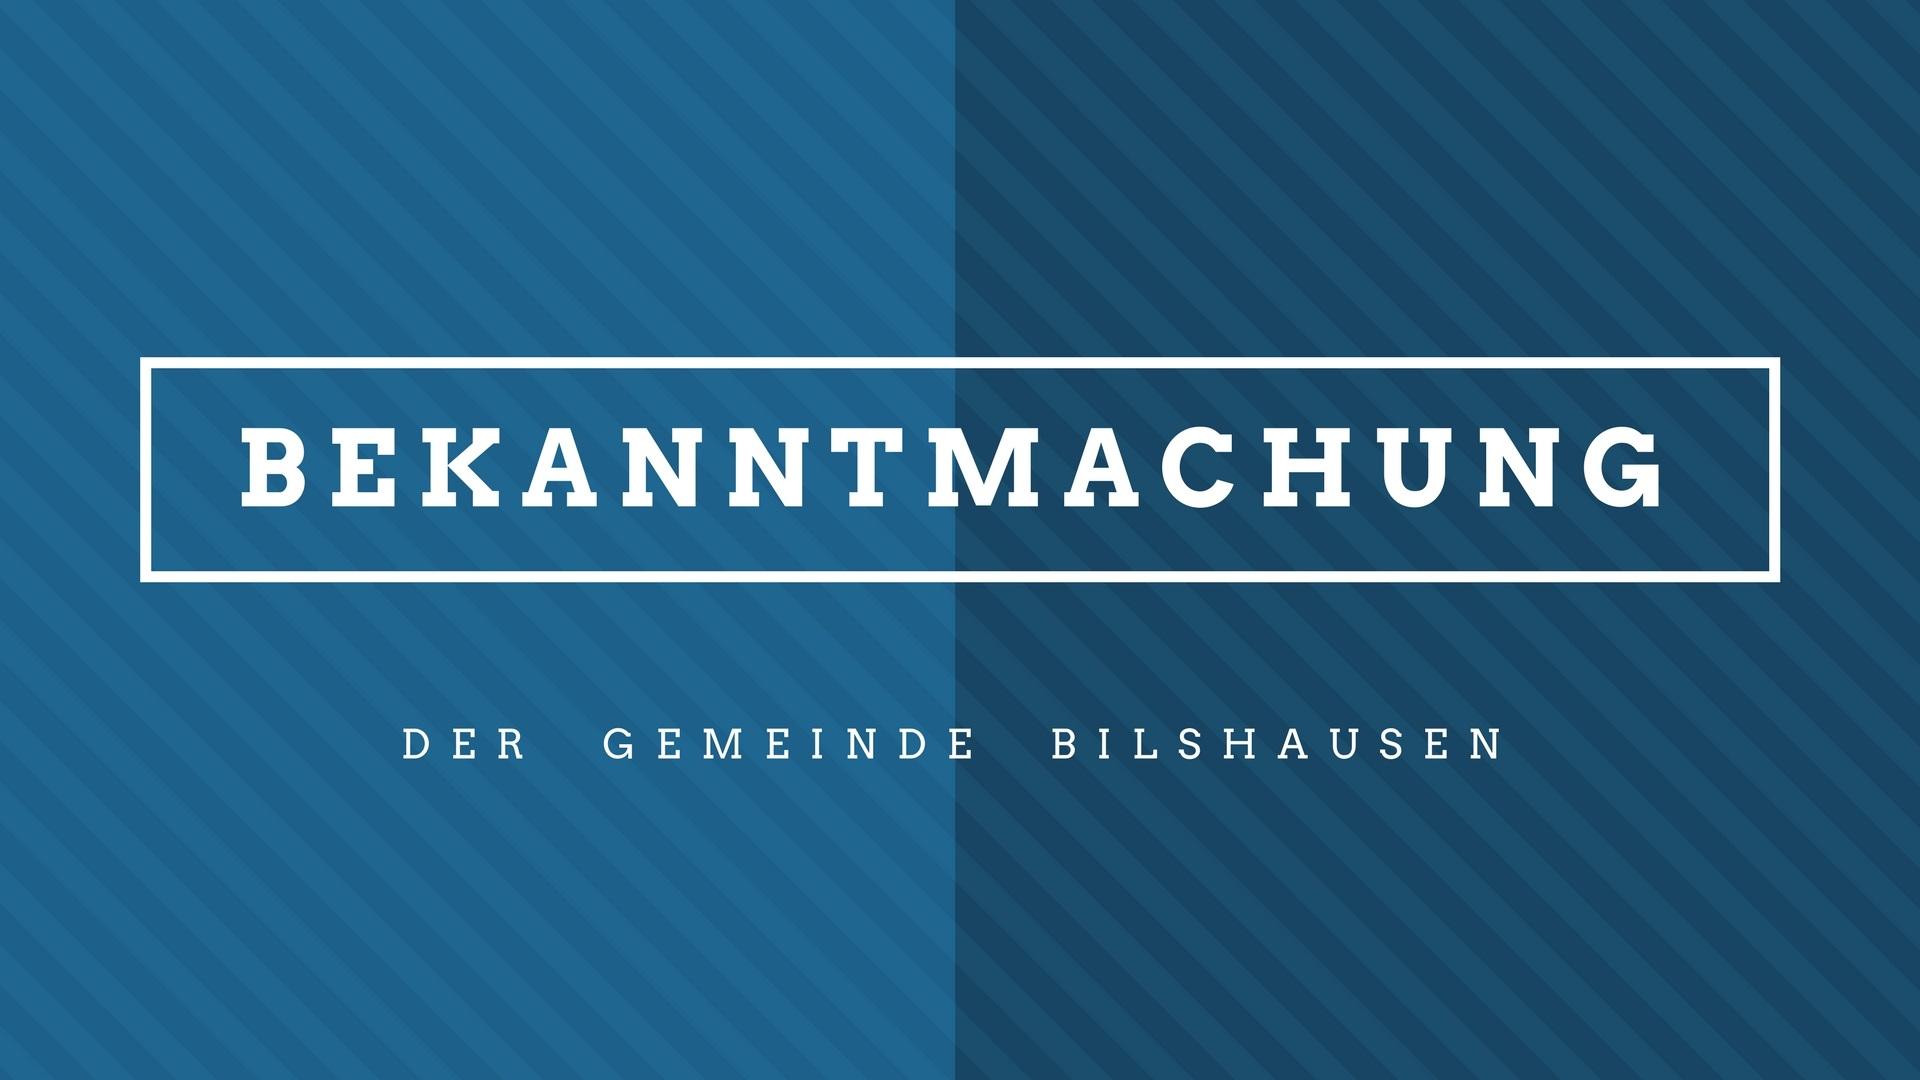 Bekanntmachung der Gemeinde Bilshausen